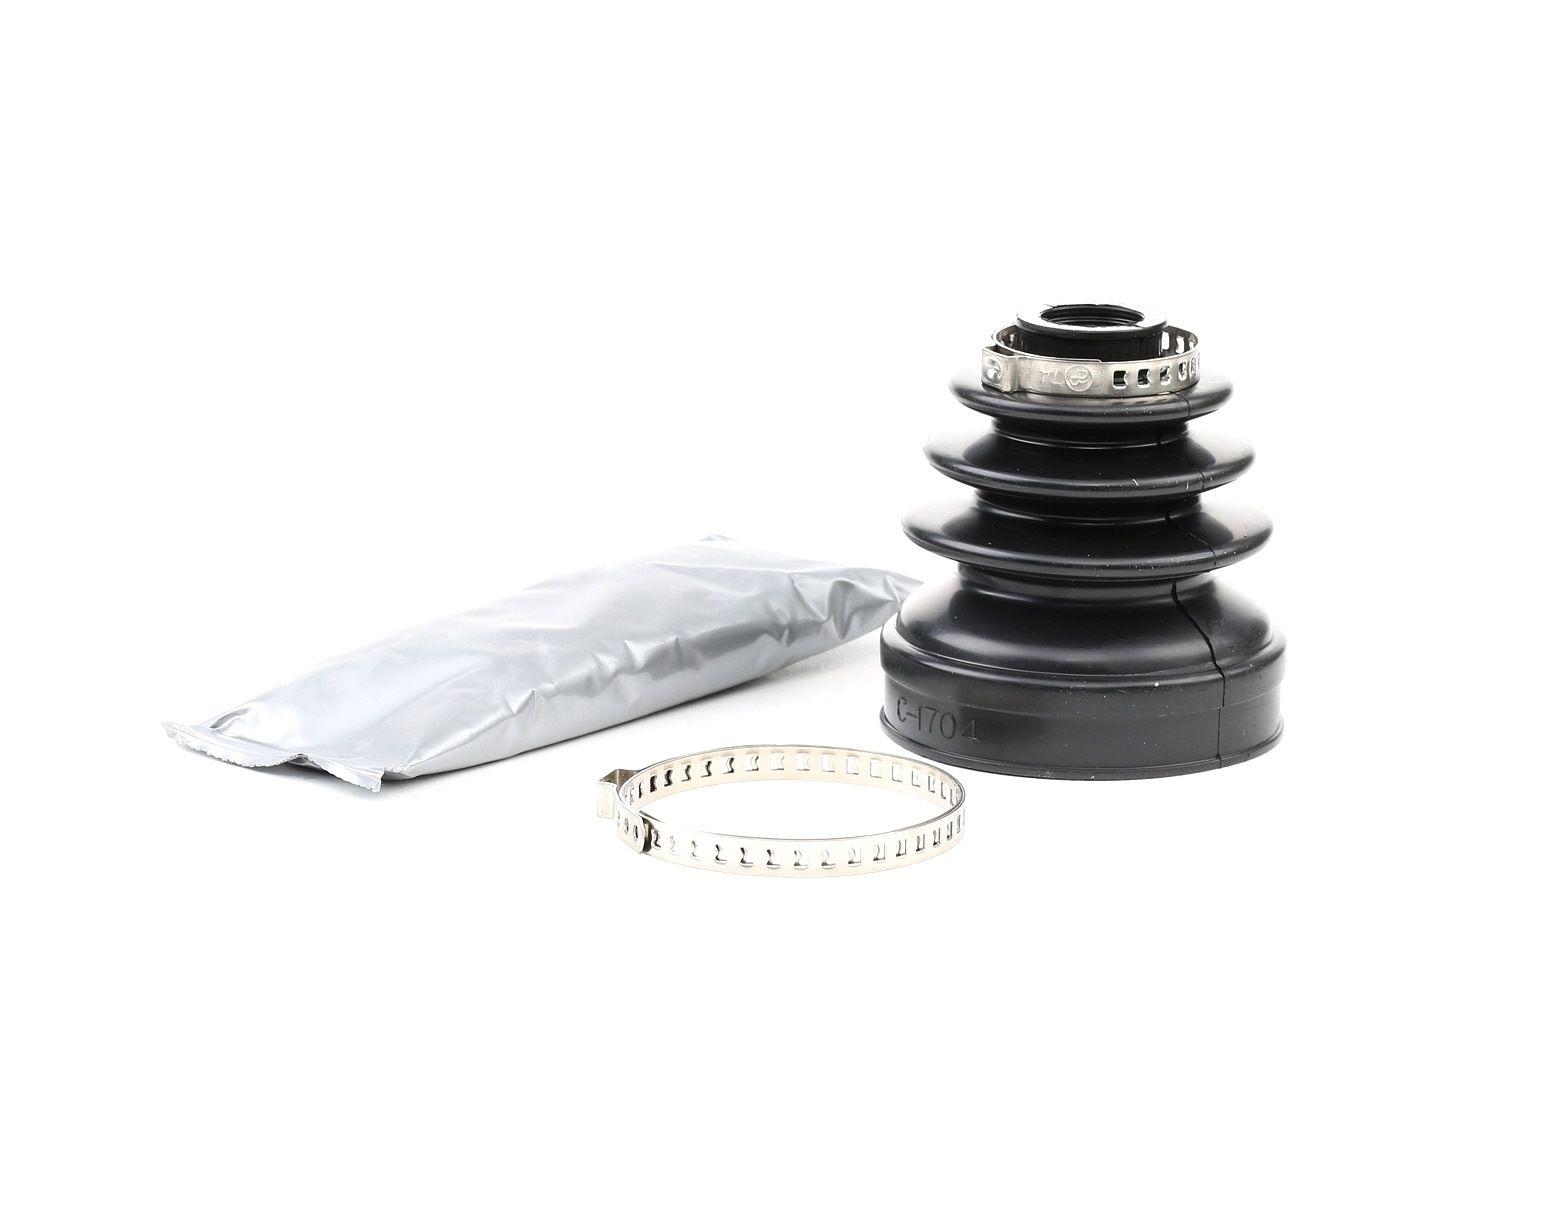 NISSAN VERSA 2012 Antriebswellen & Gelenke - Original AUTOFREN SEINSA D8511 Höhe: 82mm, Innendurchmesser 2: 20mm, Innendurchmesser 2: 67mm